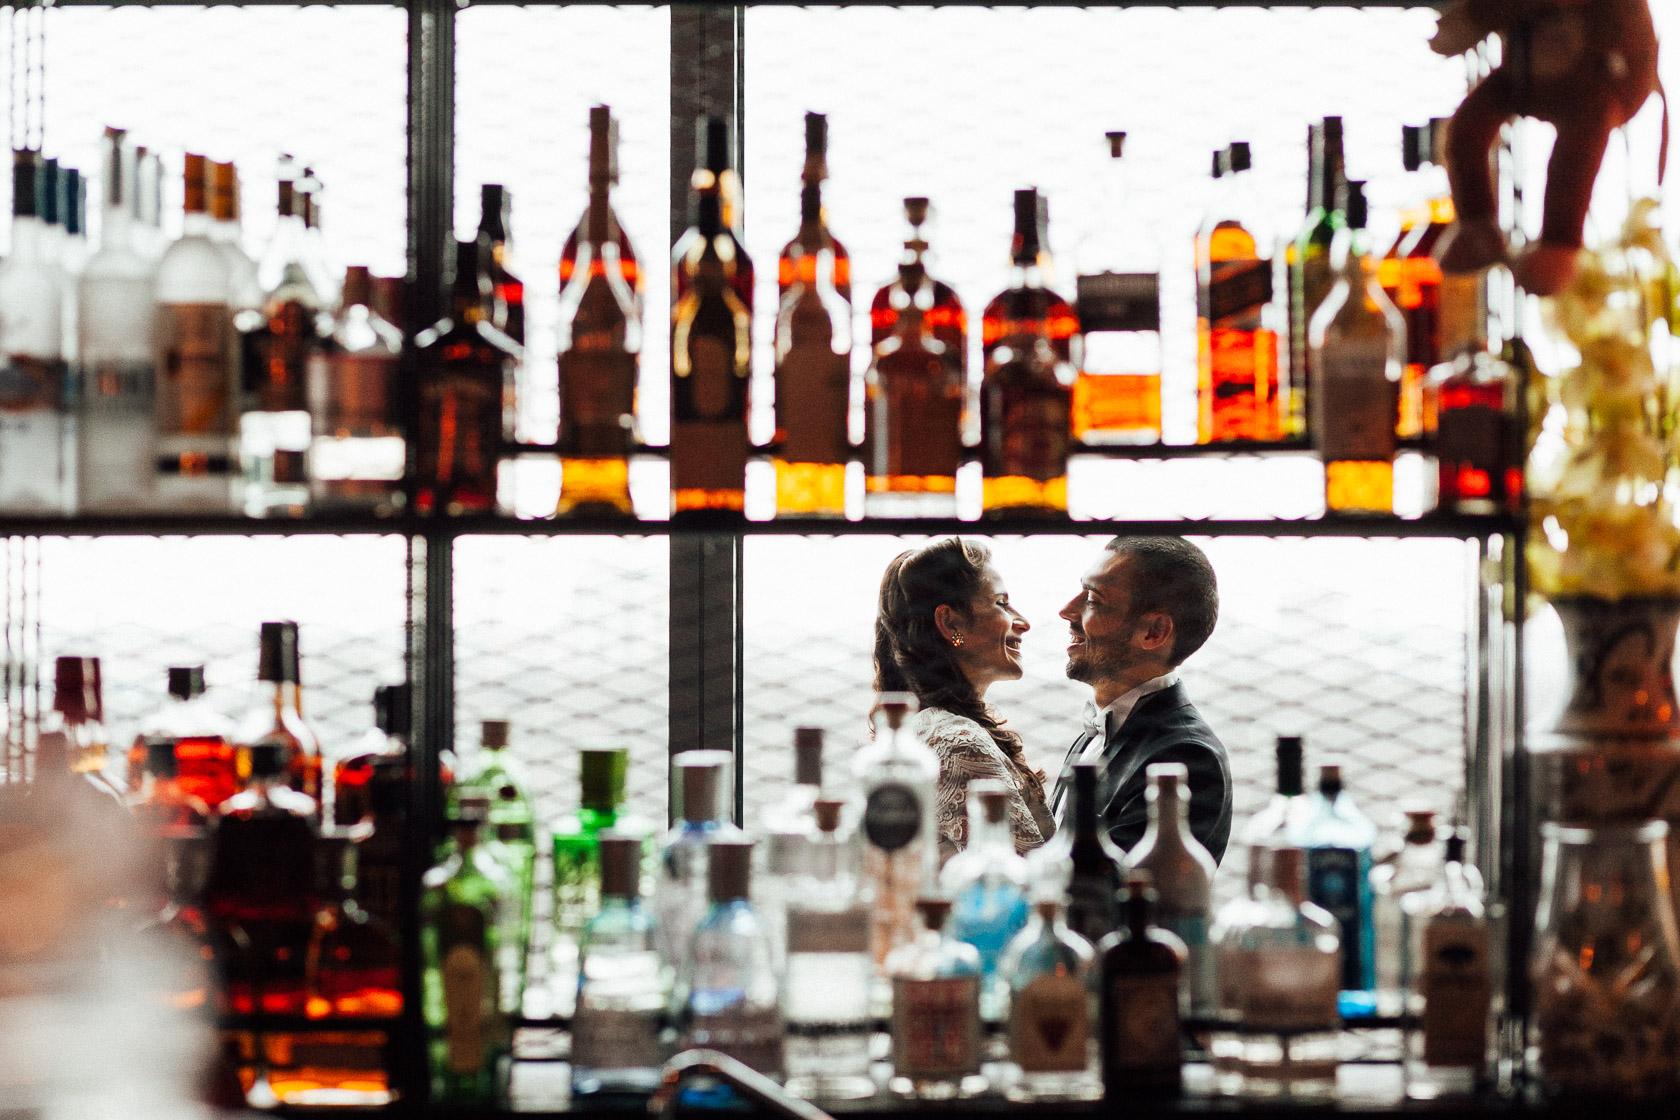 Braut und Bräutigam lachen gemeinsam hinter eine paar bunten Flaschen in der Monkey Bar in Berlin